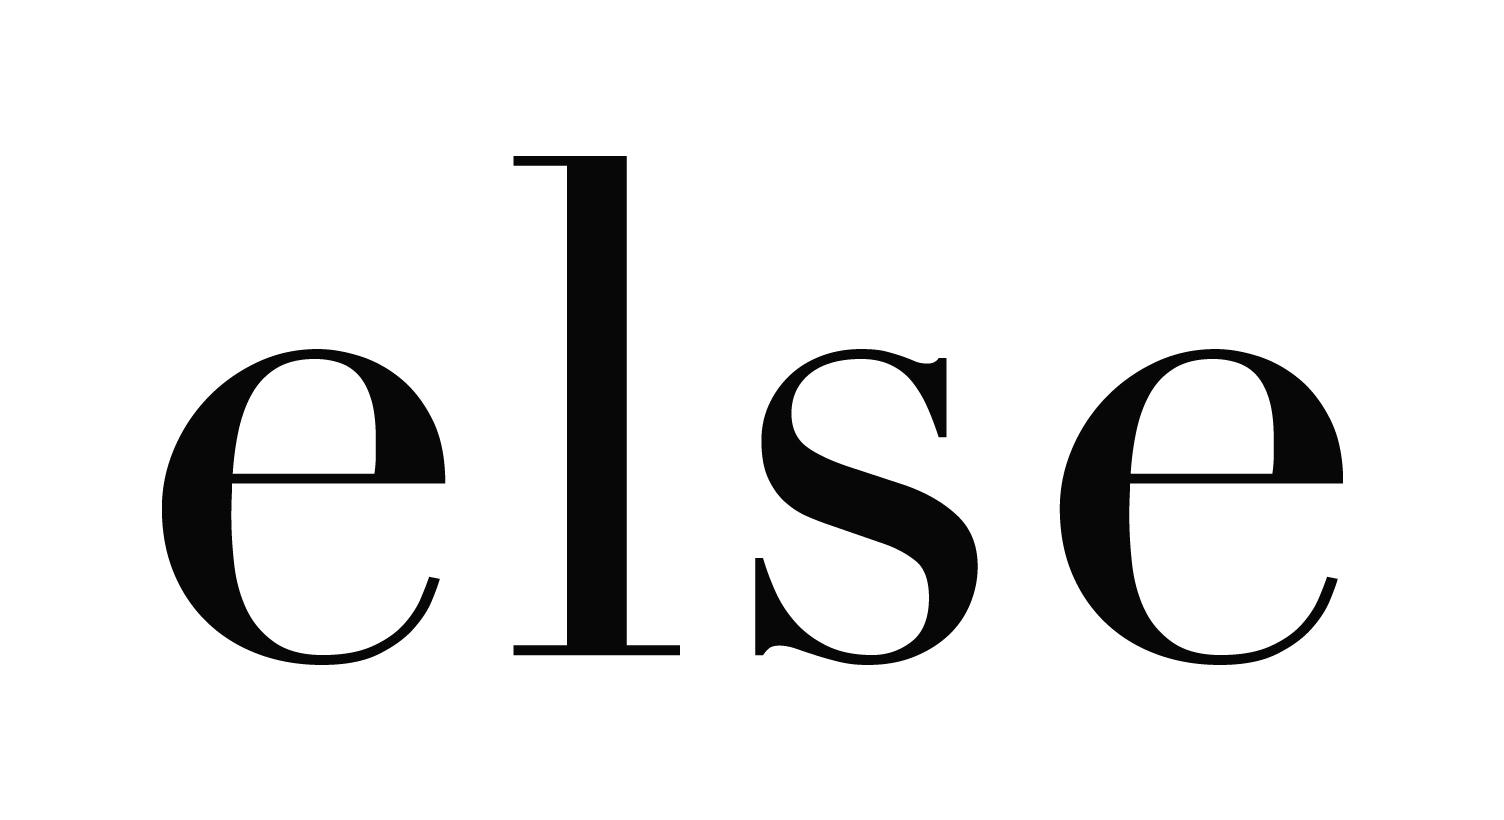 Else Lingerie logo